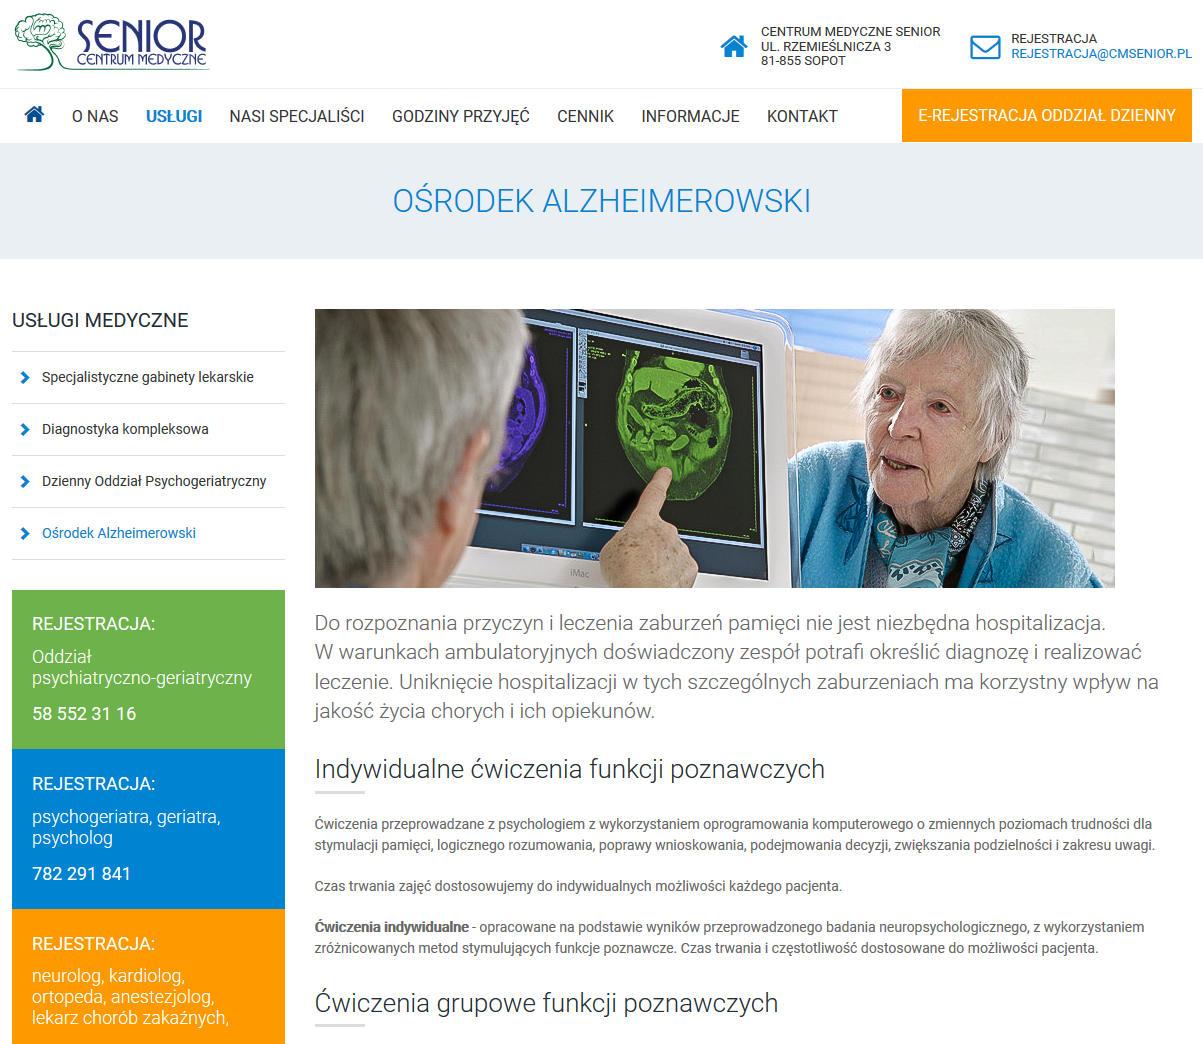 Centrum Medyczne CMSENIOR